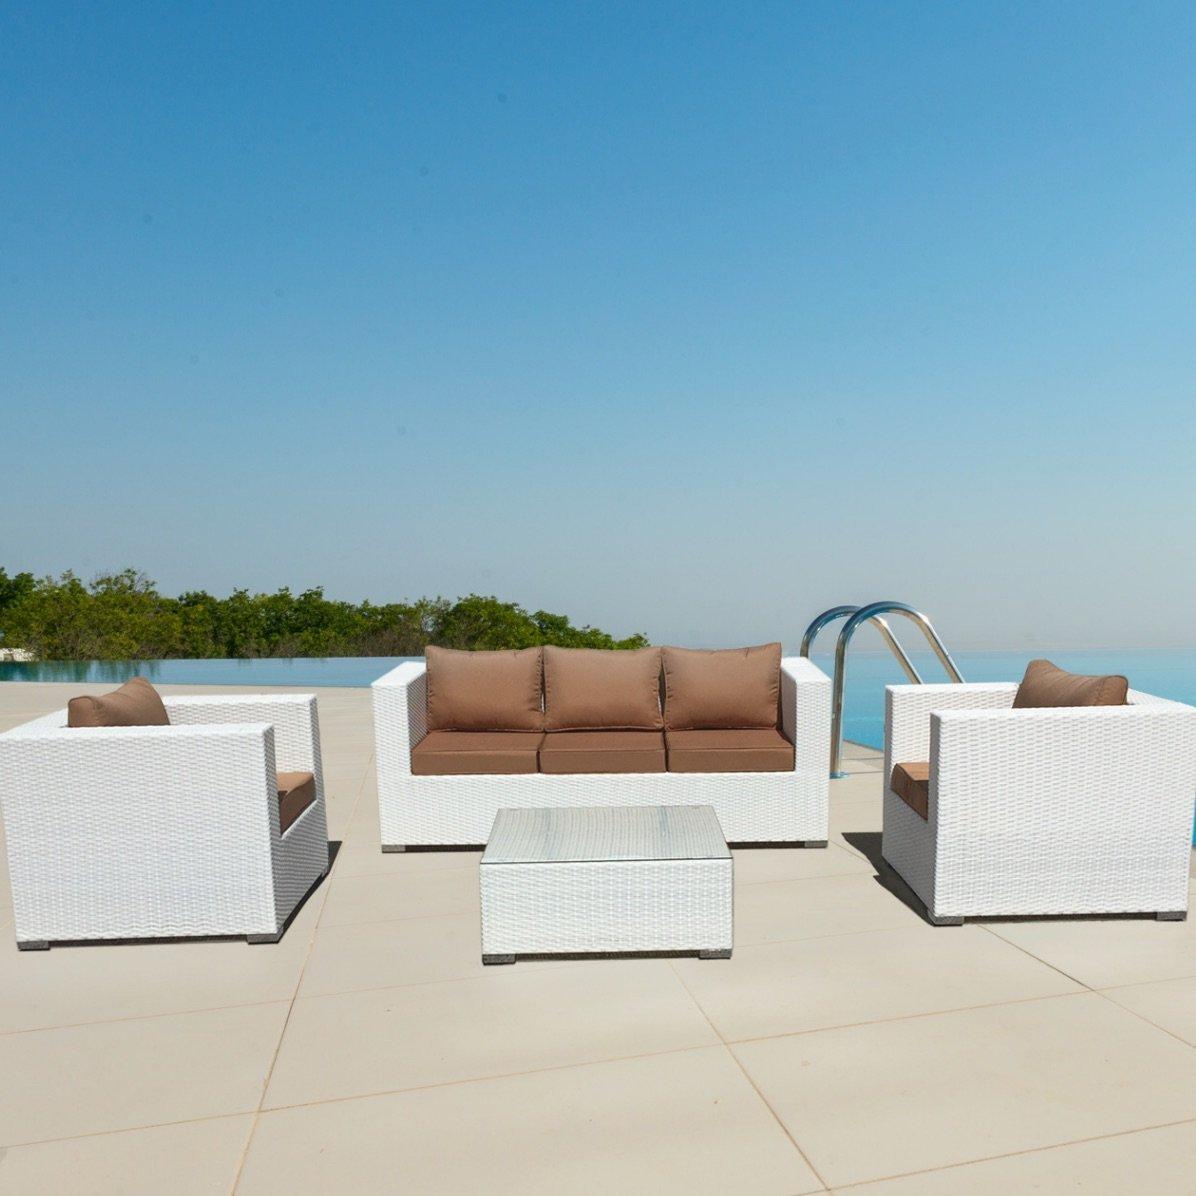 Luxurygarden Wohnzimmer Rattan Weiß Garten Möbel Outdoor Sofa